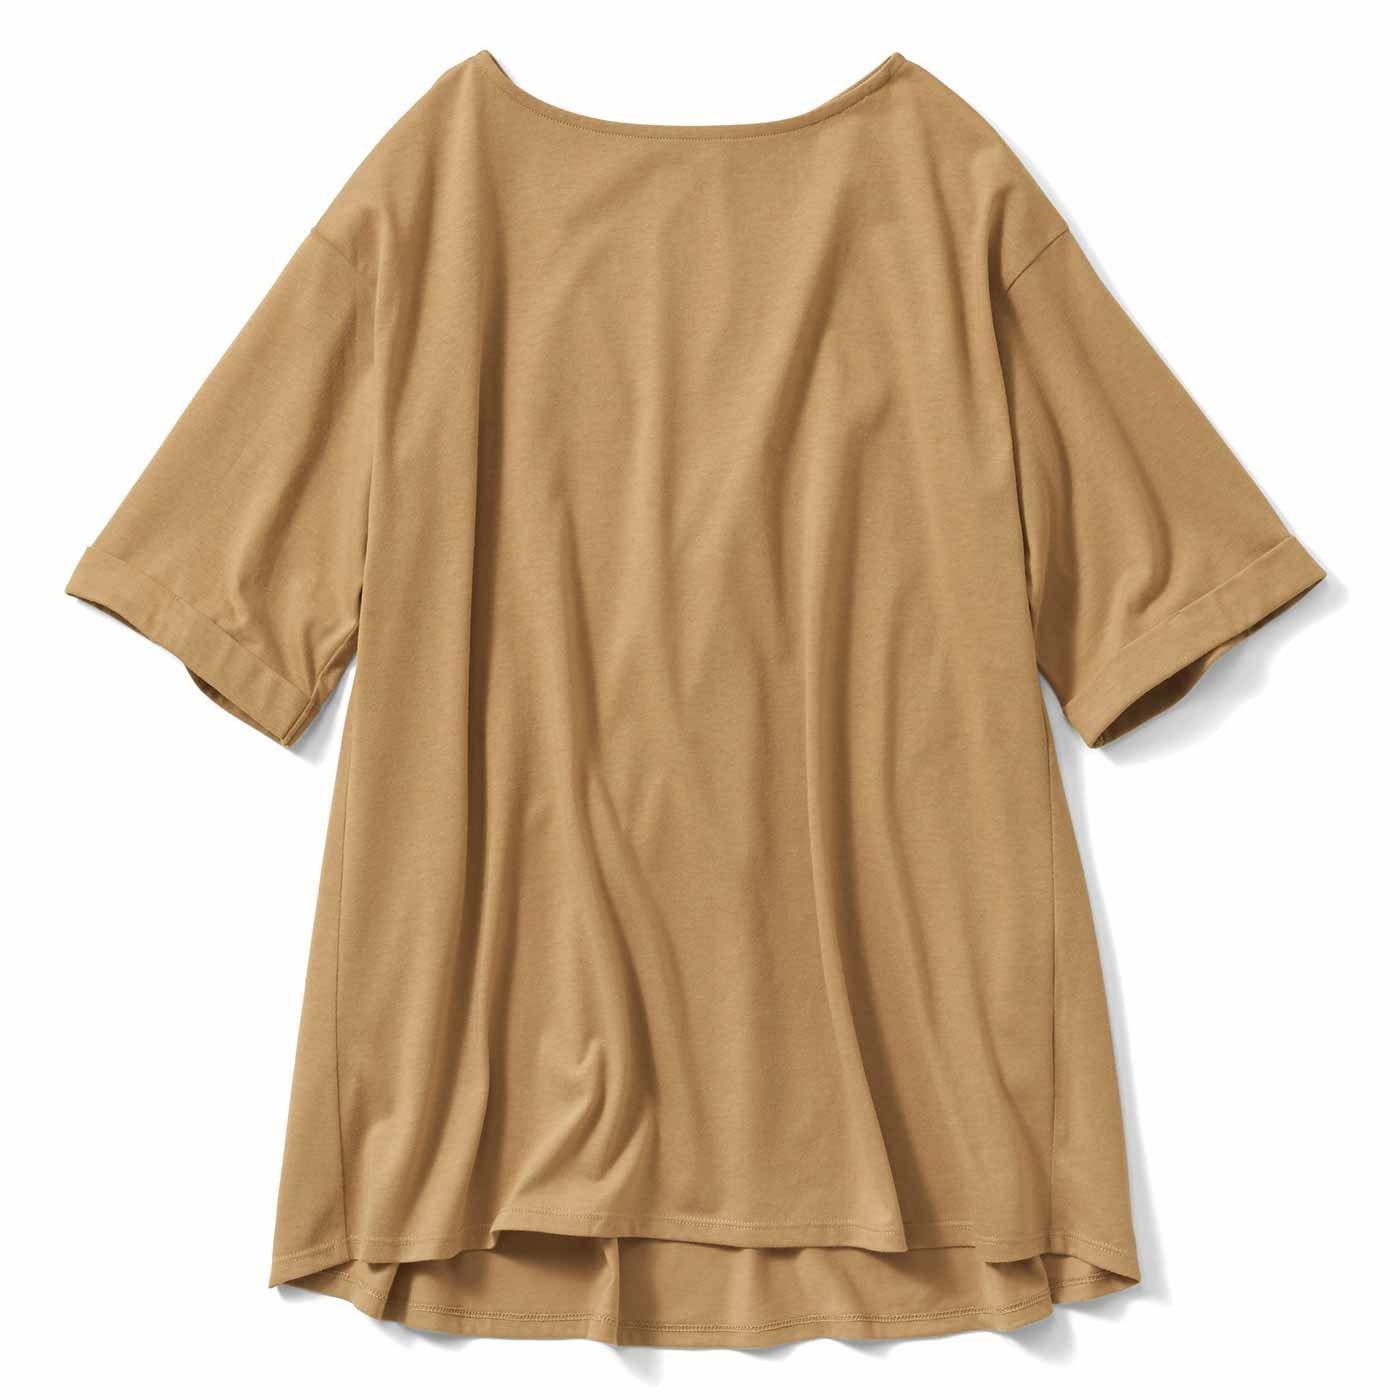 IEDIT[イディット] 汗じみ軽減加工をほどこした 長め丈フレアーTシャツの会